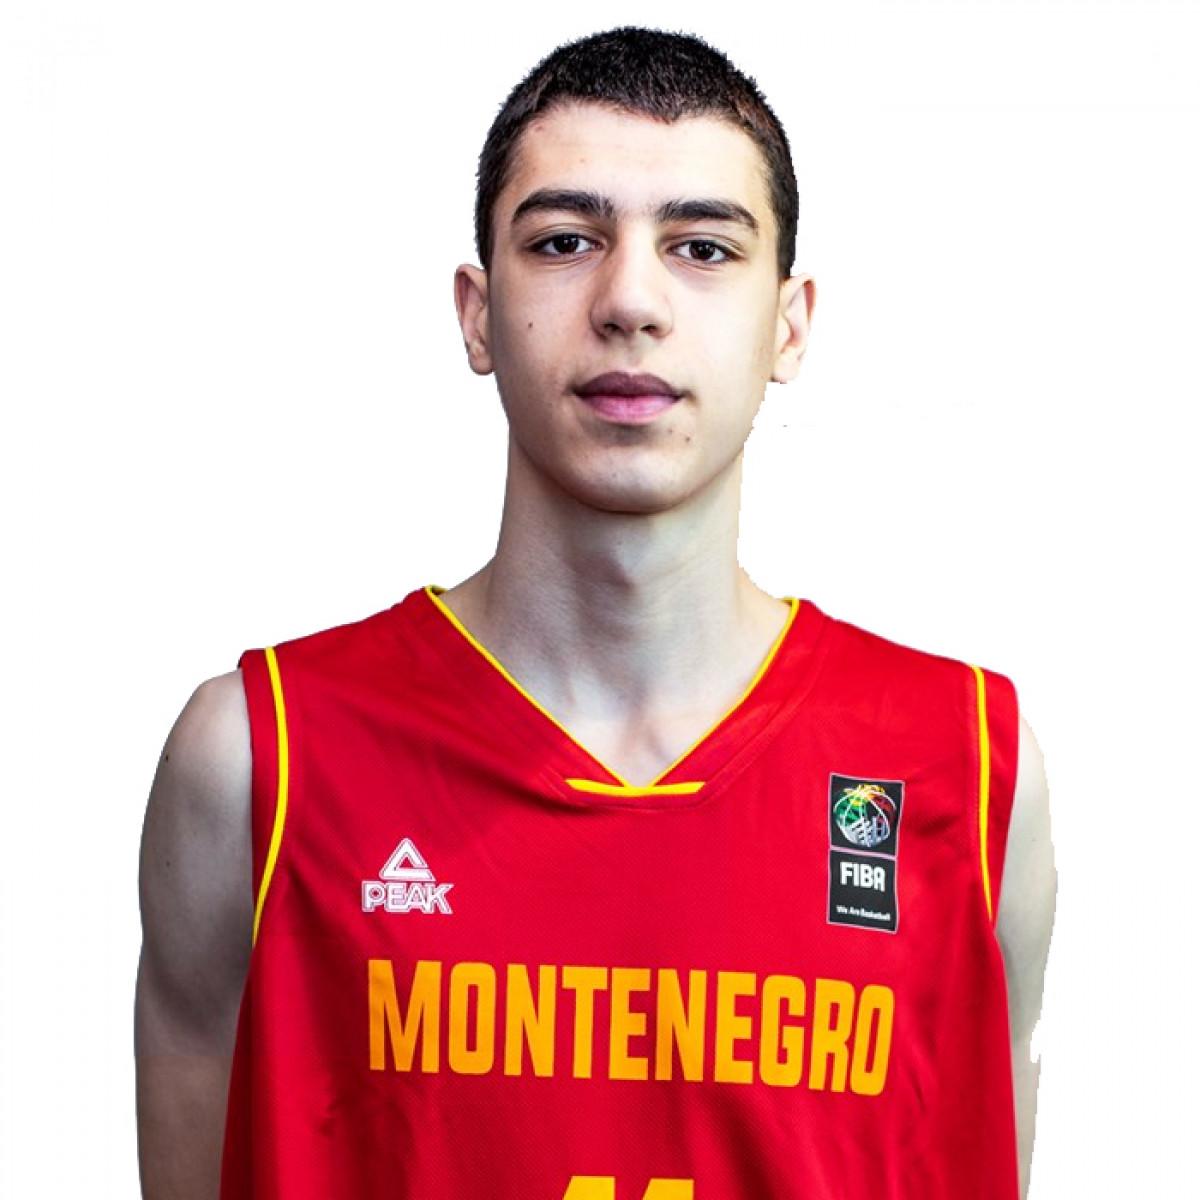 Photo of Andrija Grbovic, 2019-2020 season